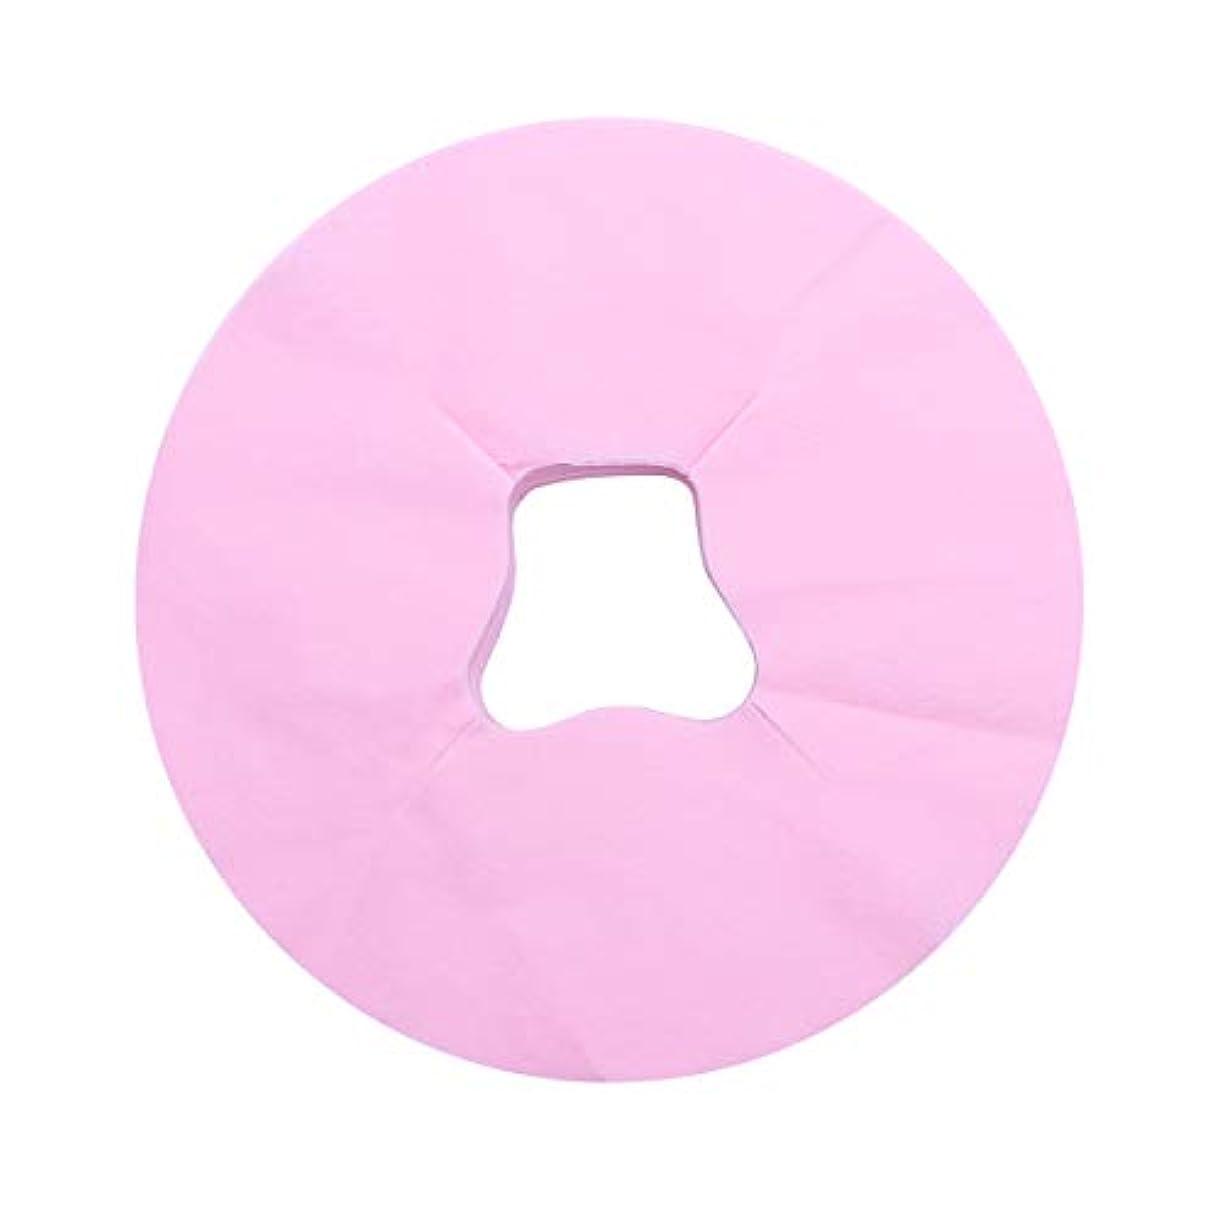 ガイドラインスーダン愛国的なHealifty 100シートマッサージフェイスピローカバー使い捨てフェイスカバーパッドフェイスホールピローフェイシャルベッドサロンスパヘッドレストピローシート(ピンク)